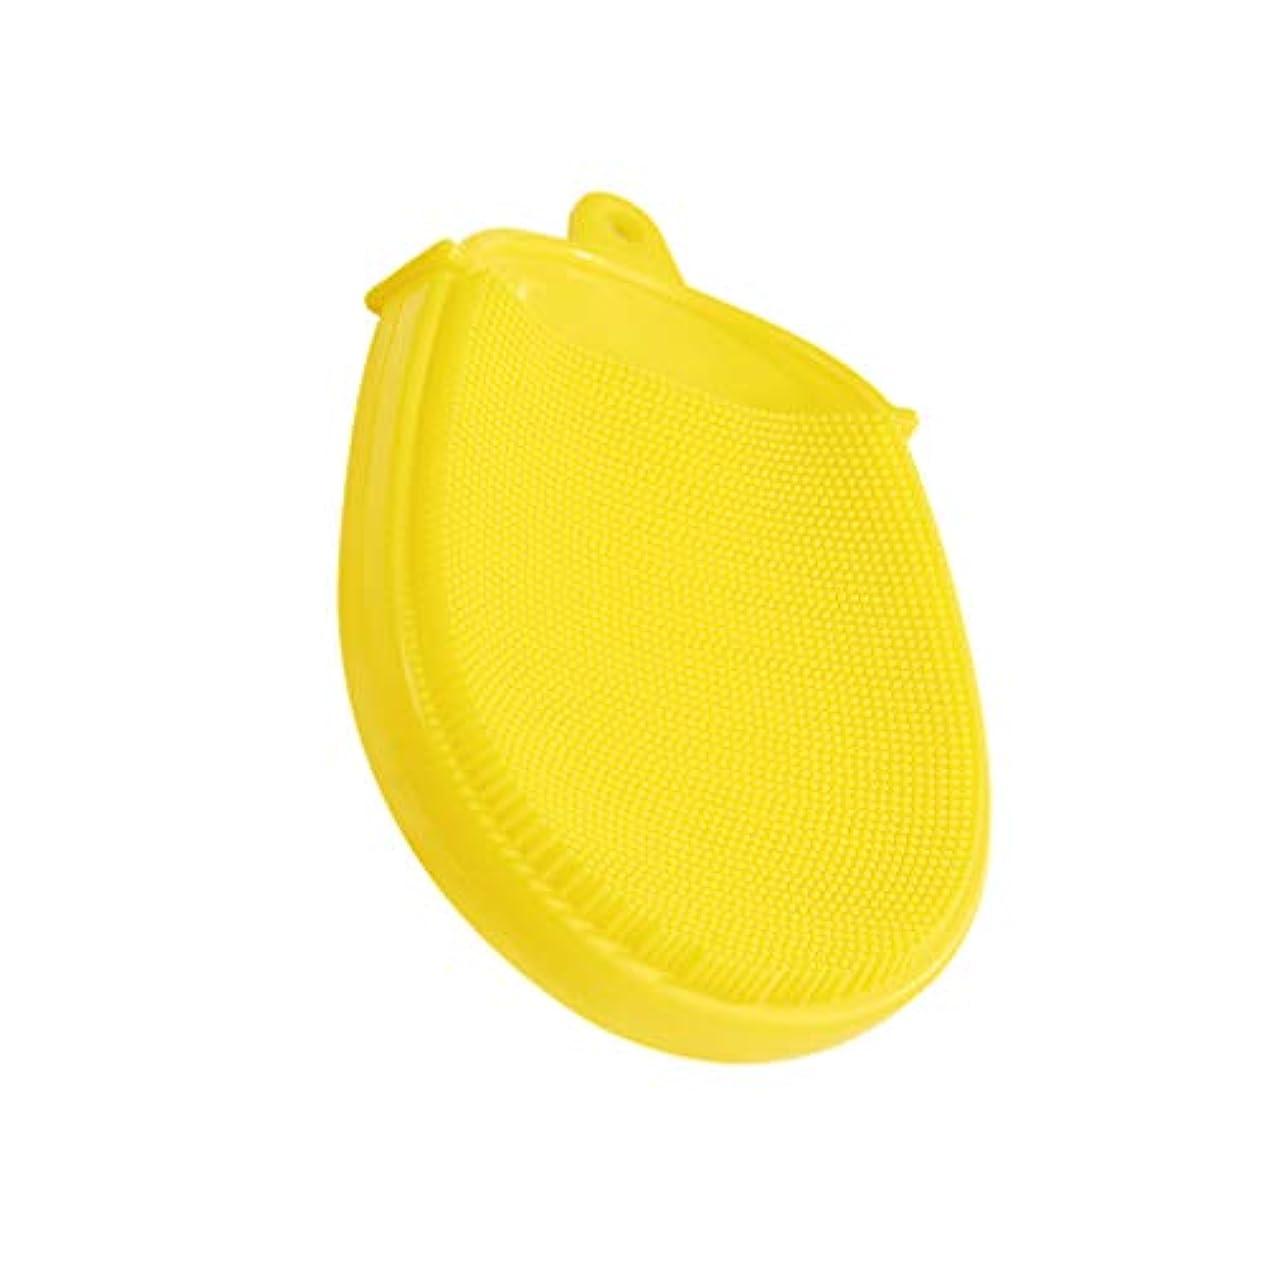 郵便番号の頭の上申し立てるHeallily バスブラシシリコンボディブラシソフトマッサージバックブラシクレンジングスクラバーキッズバスアクセサリー(黄色)